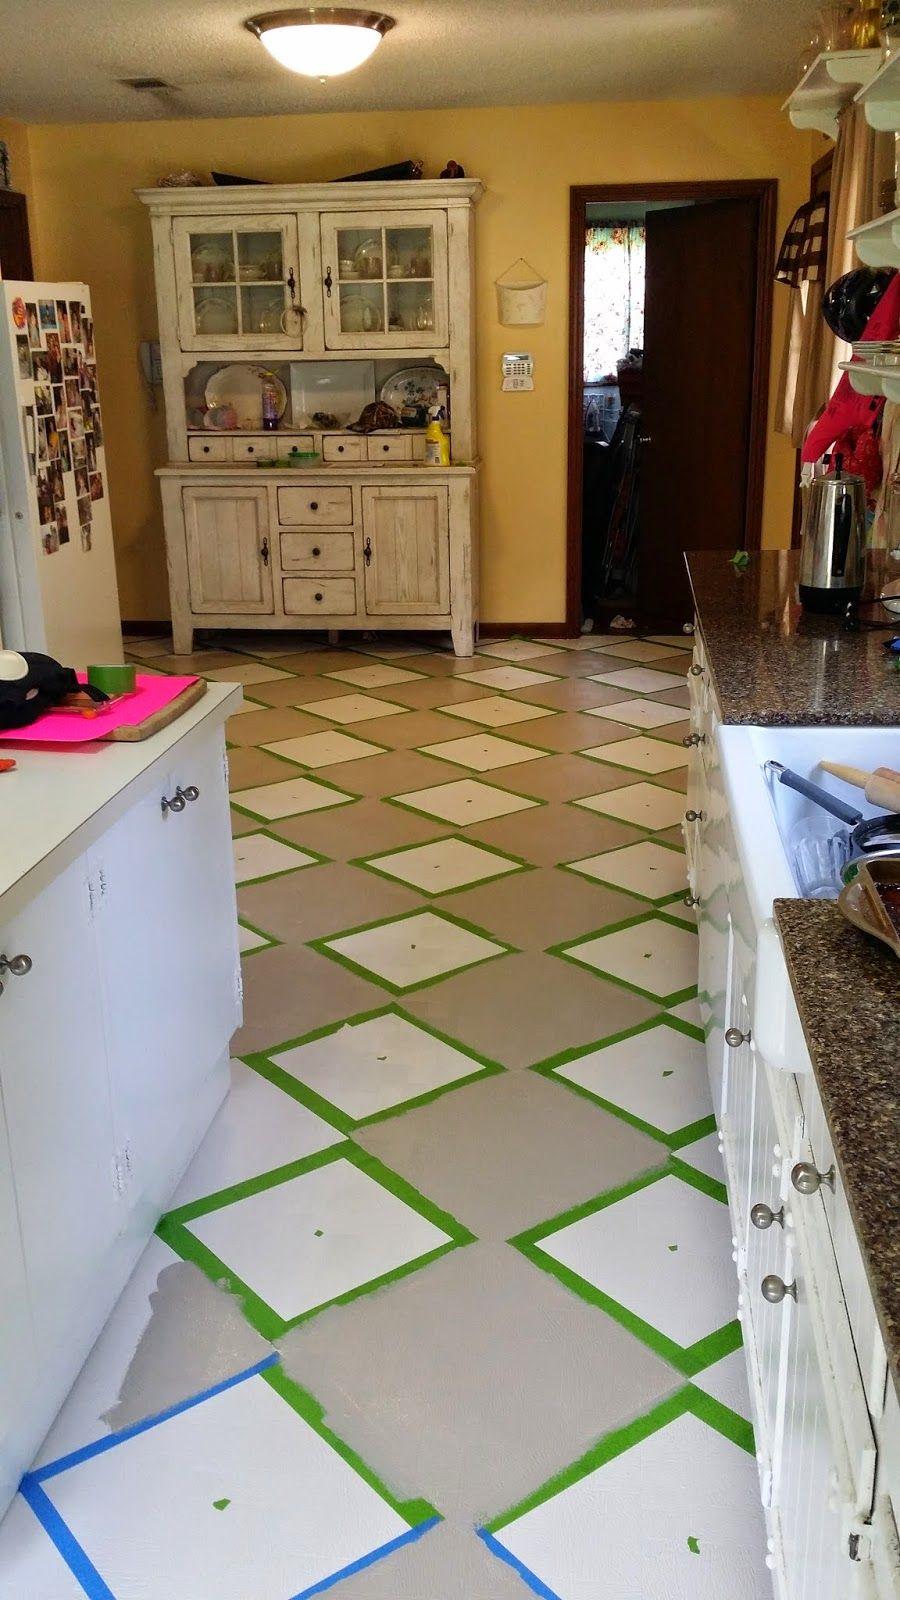 How I Painted My Linoleum Floors Linoleum Flooring Diy Painted Floors Flooring